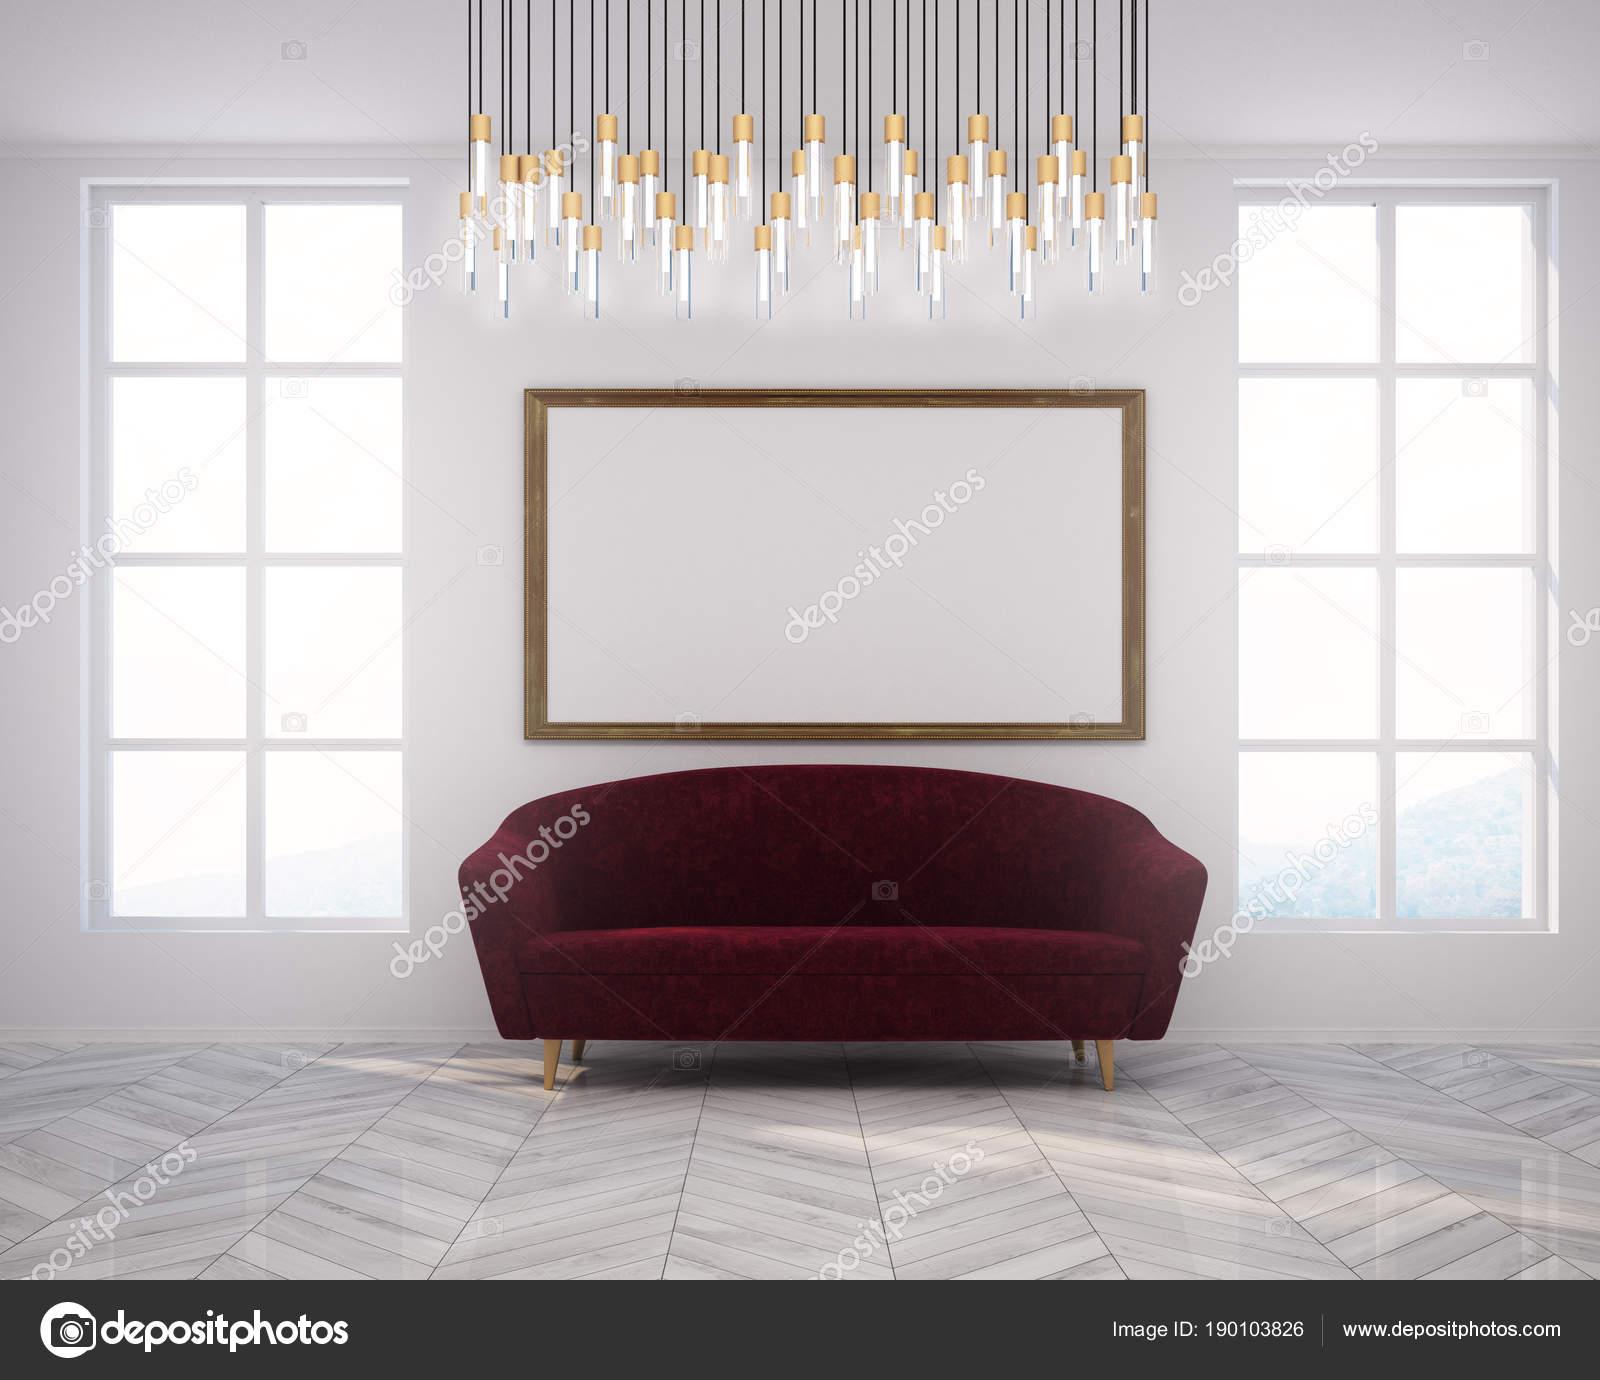 Weiße Poster Wohnzimmer Und Sofa Mit Roten — Stockfoto VzMqUSpG